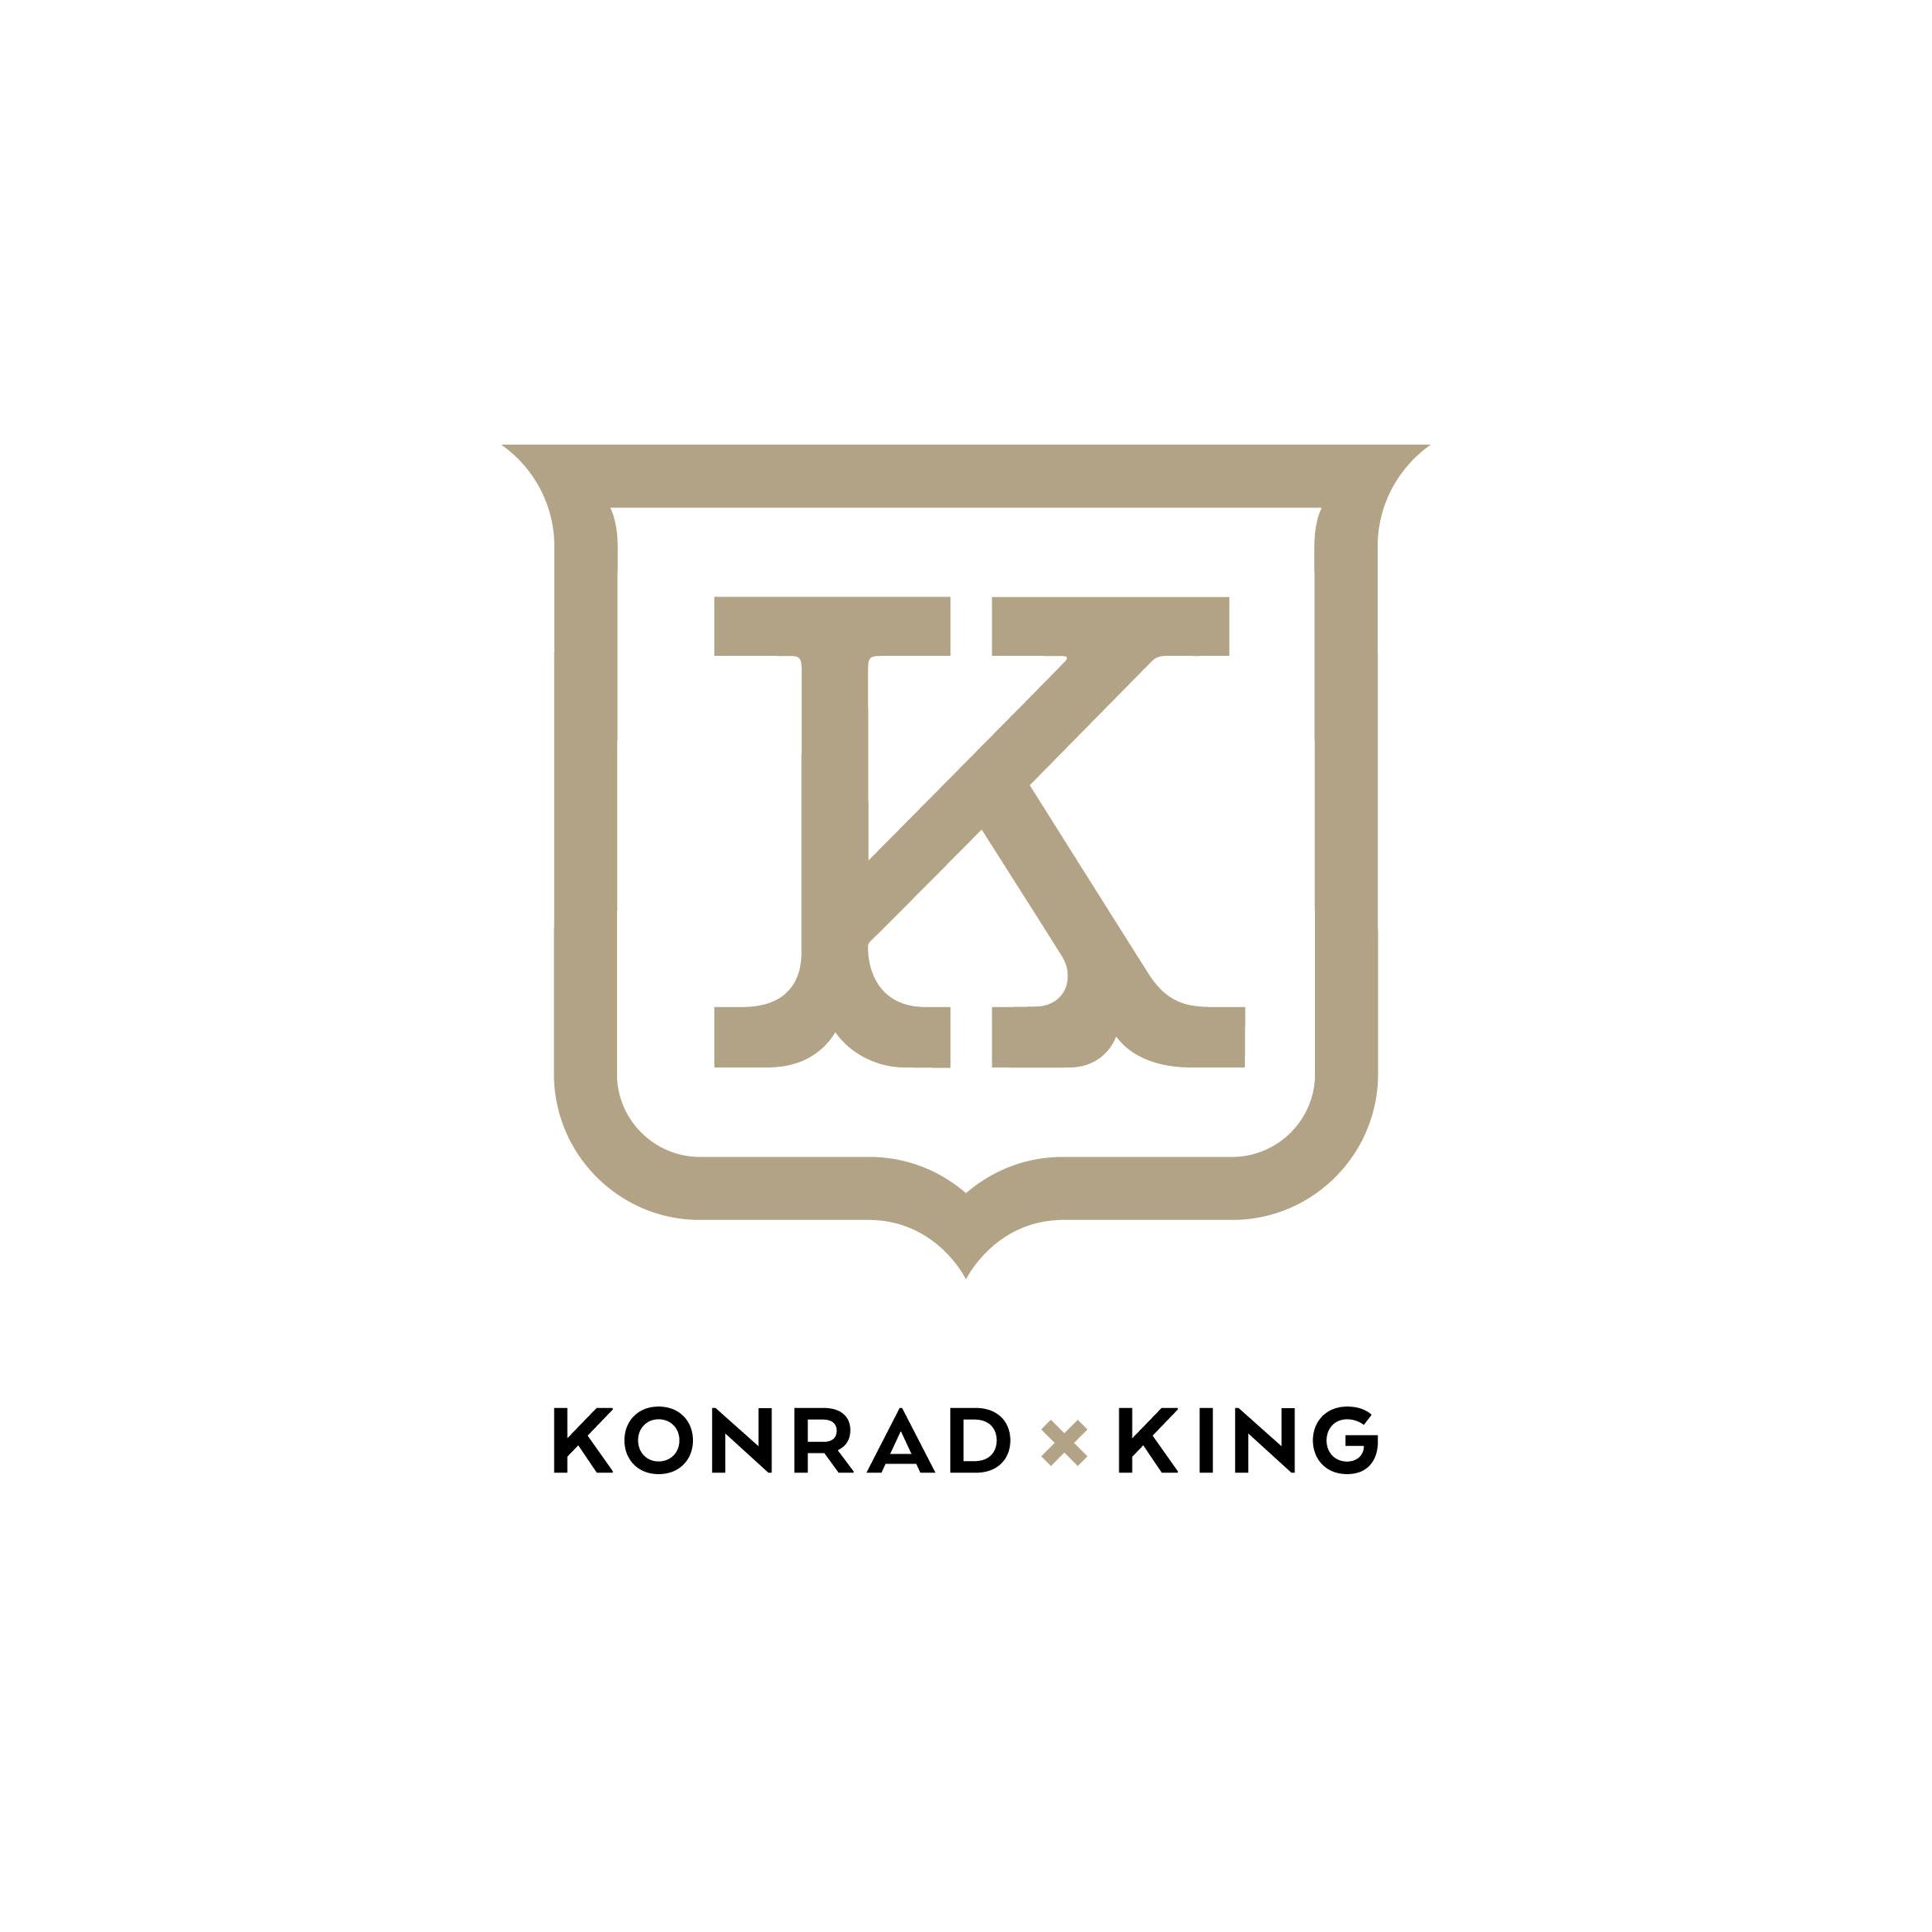 KK_Logo_S_2C_POS-(1).jpg